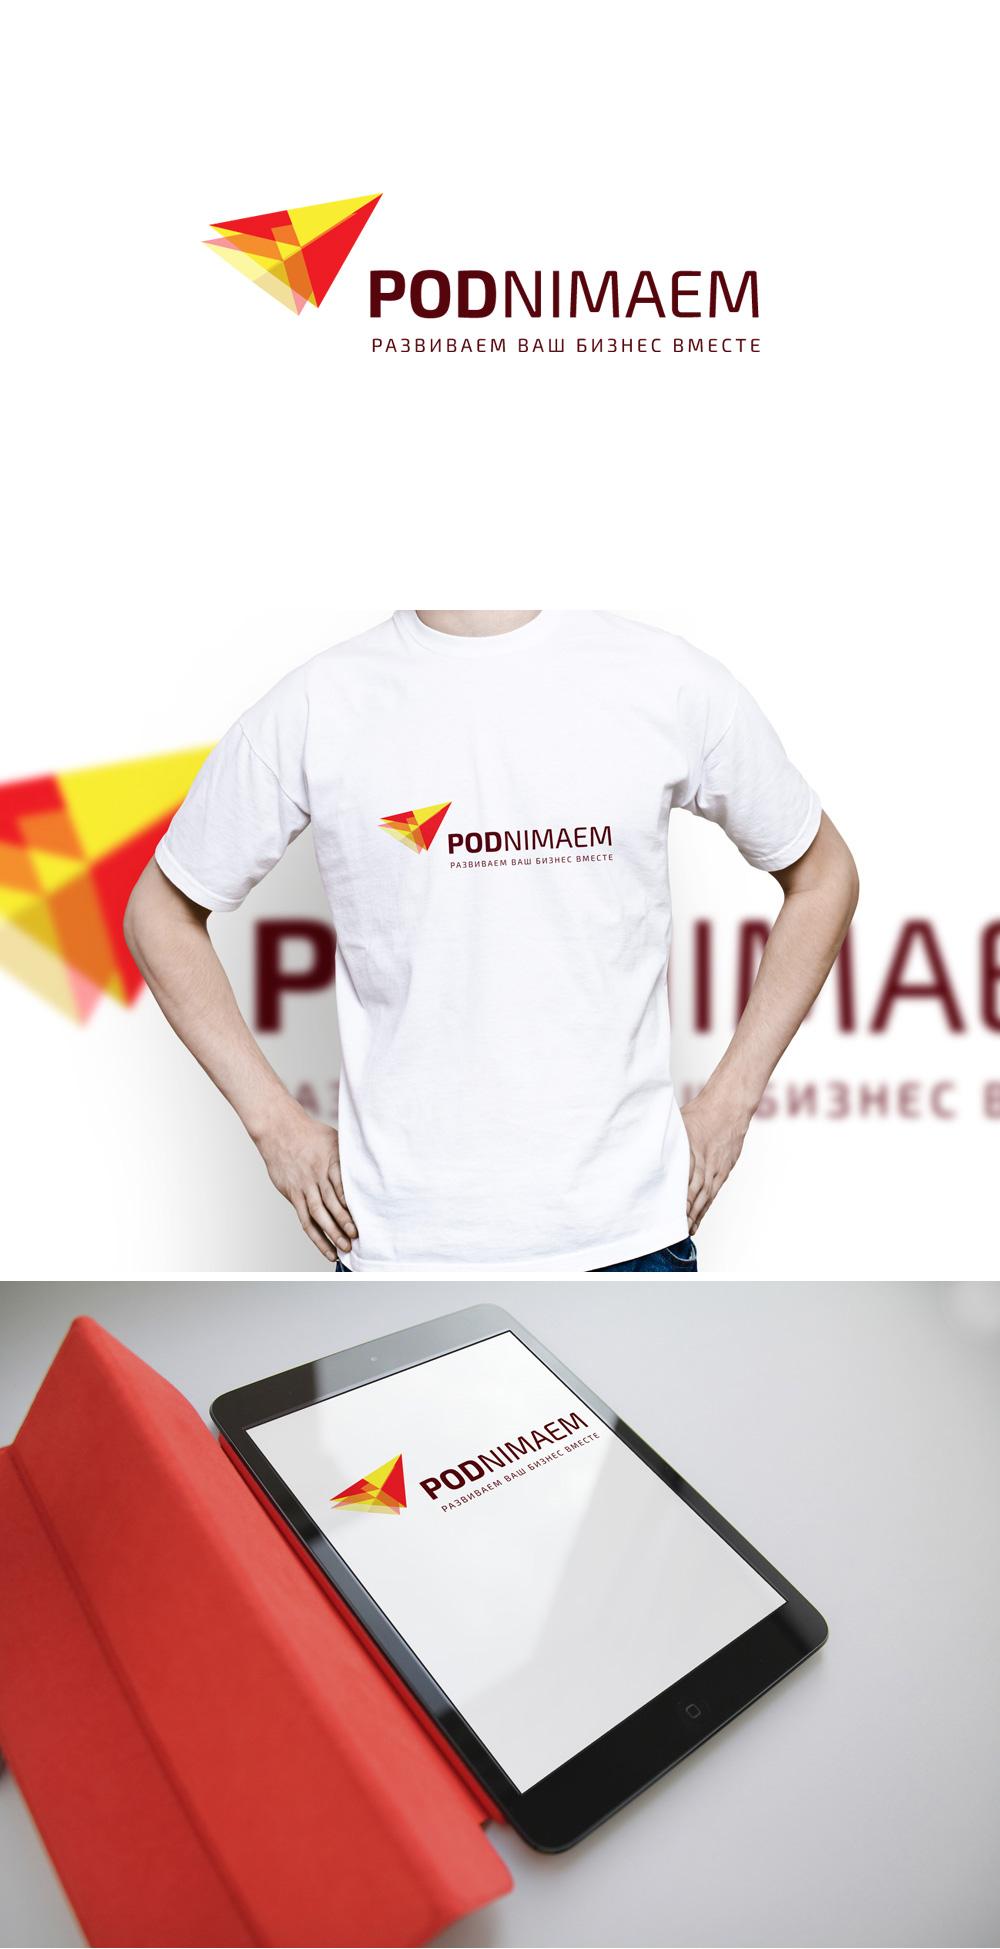 Разработать логотип + визитку + логотип для печати ООО +++ фото f_77055475eb4a1976.jpg